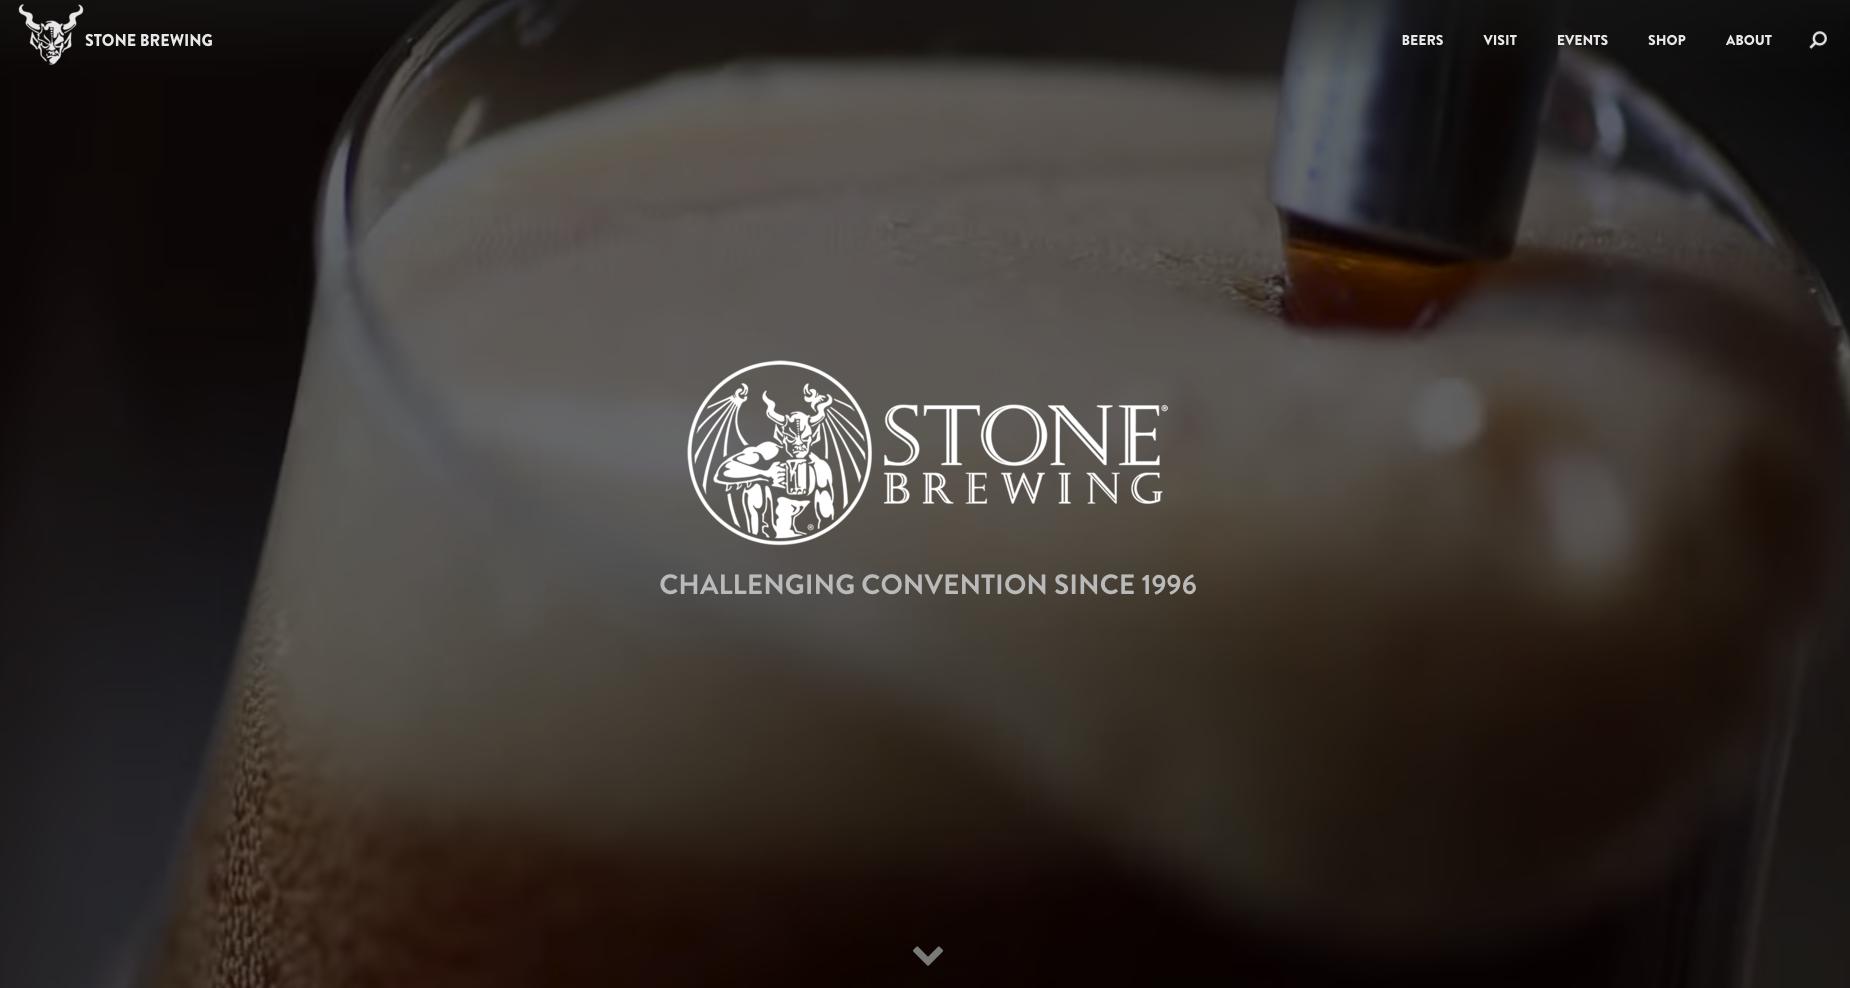 Stone website